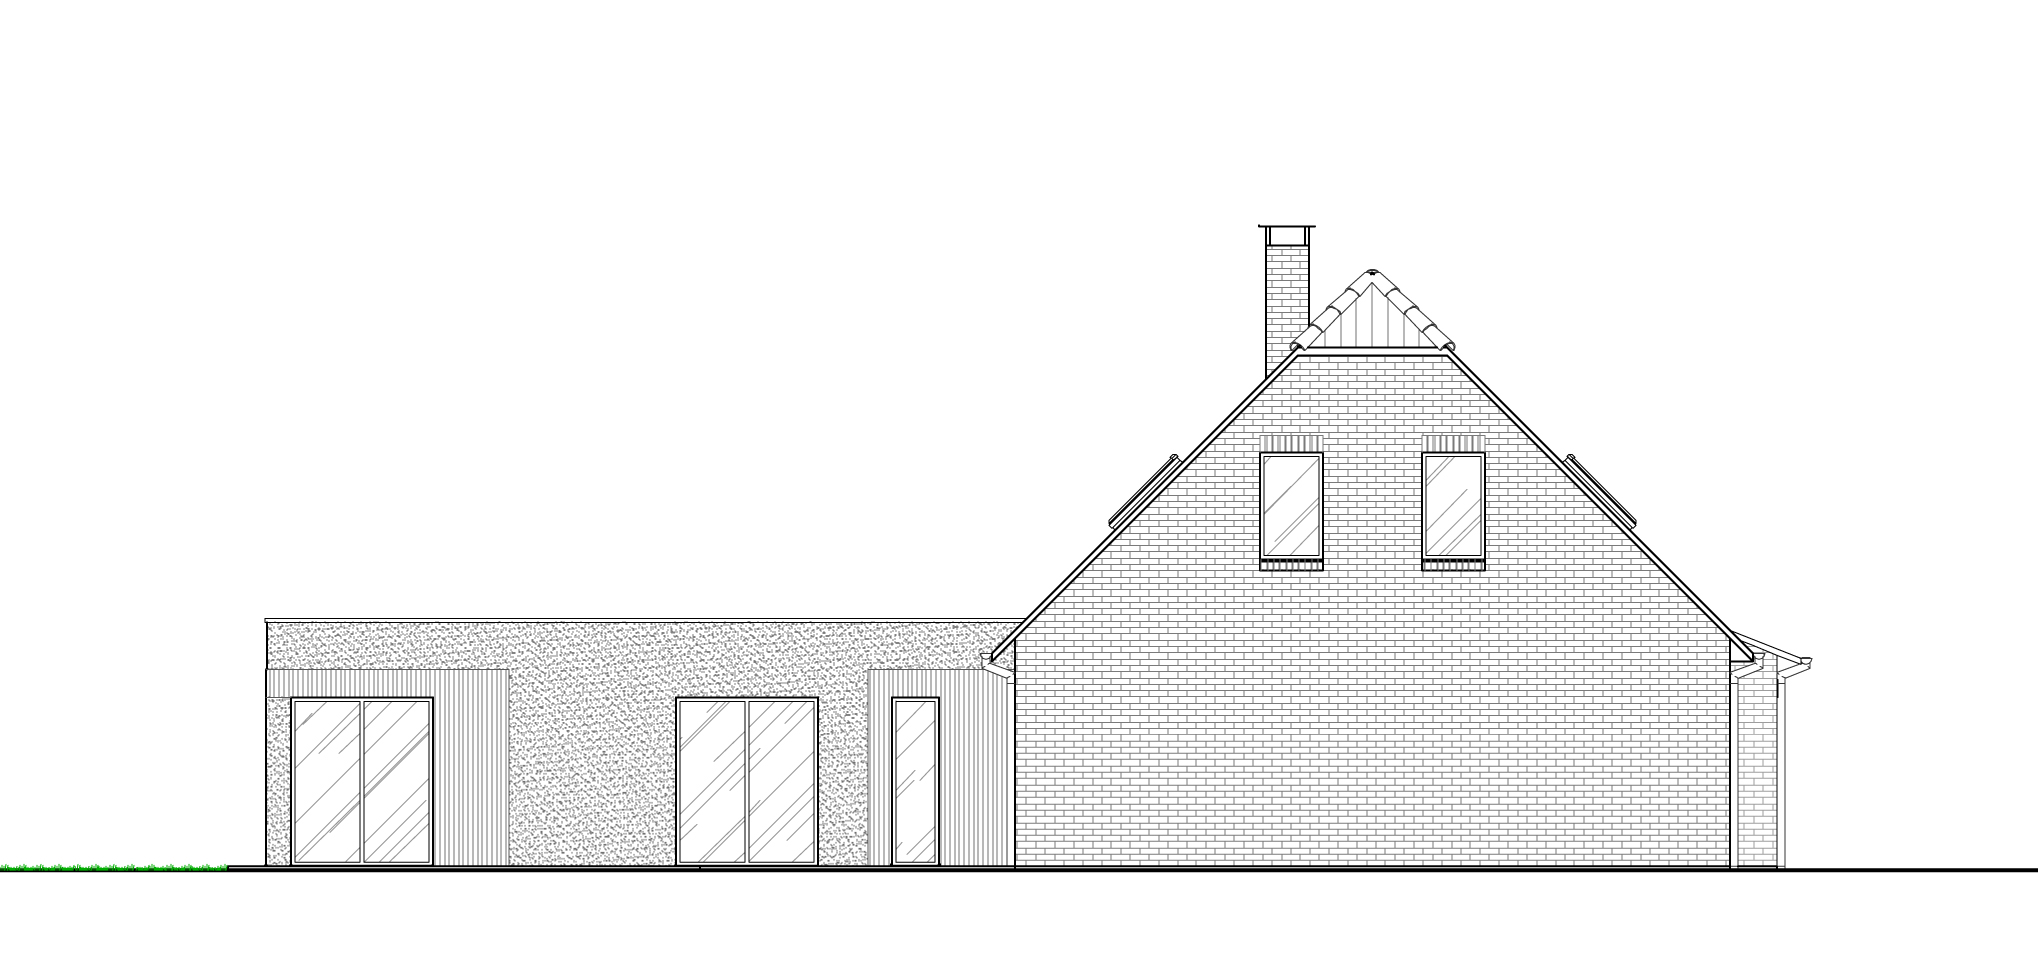 15.30 Atelier Permis de construire extension nord architecte 12